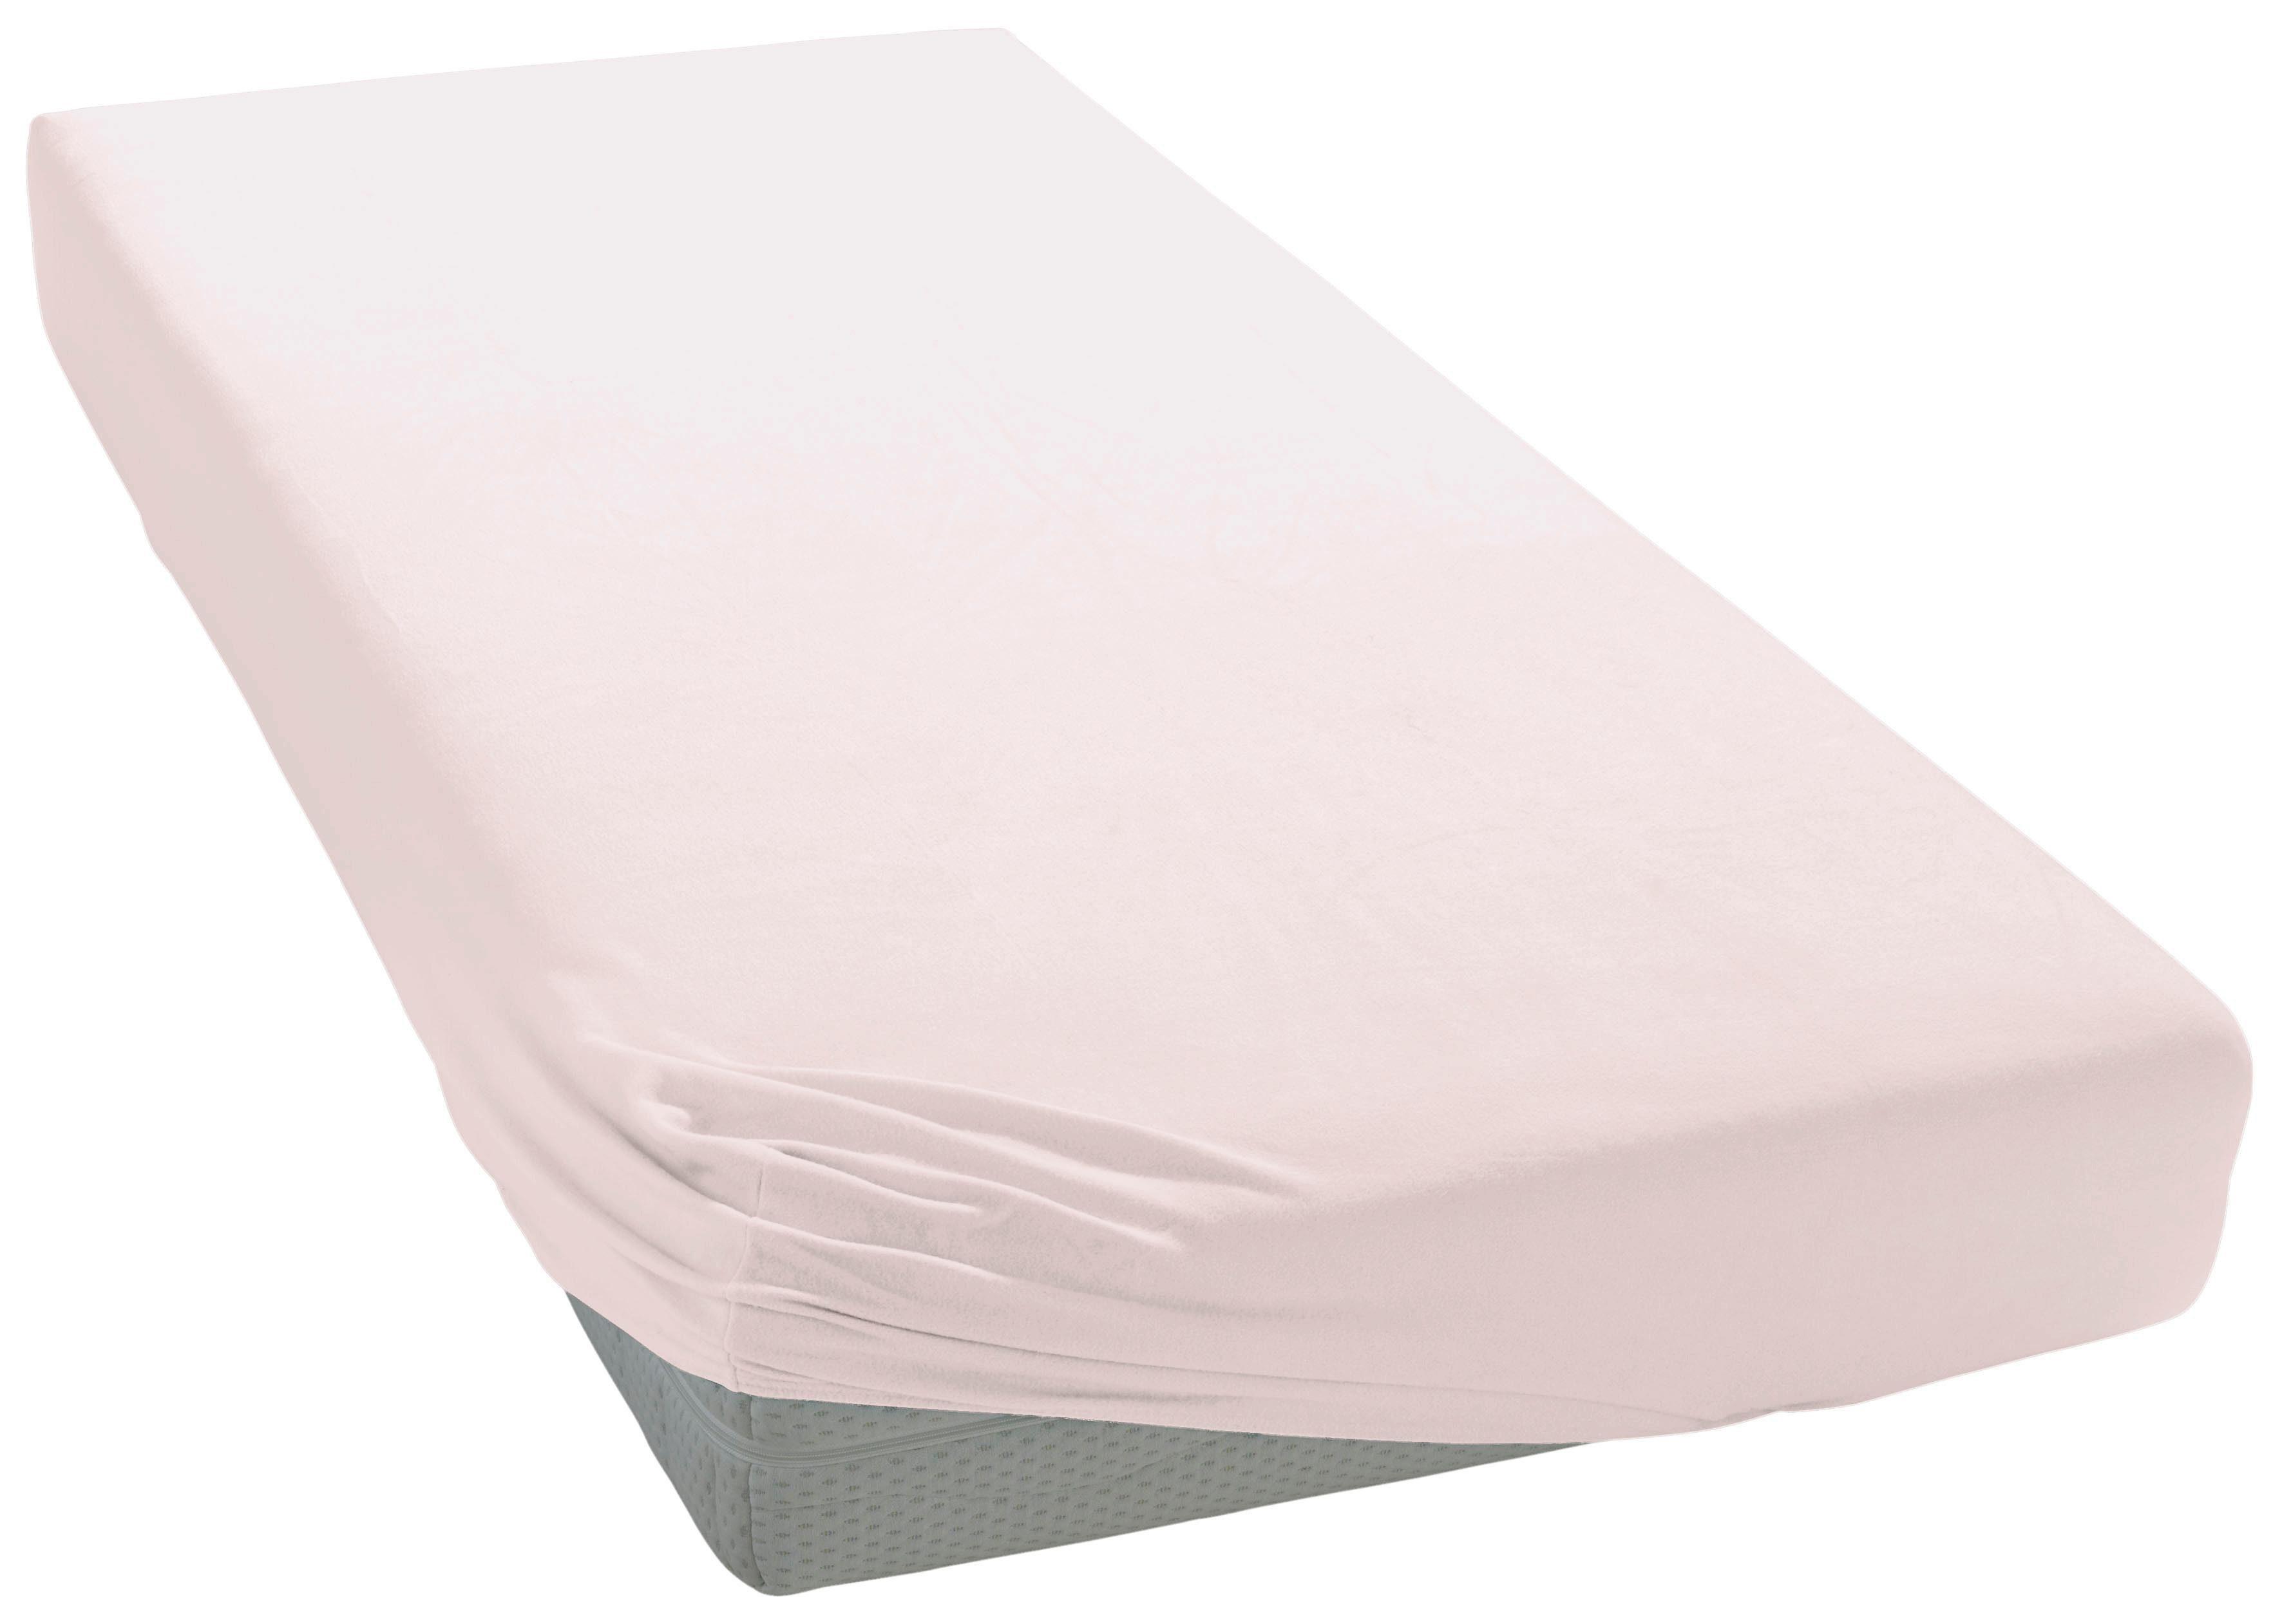 Babybay original beistellbett matratze nestchen bettlaken